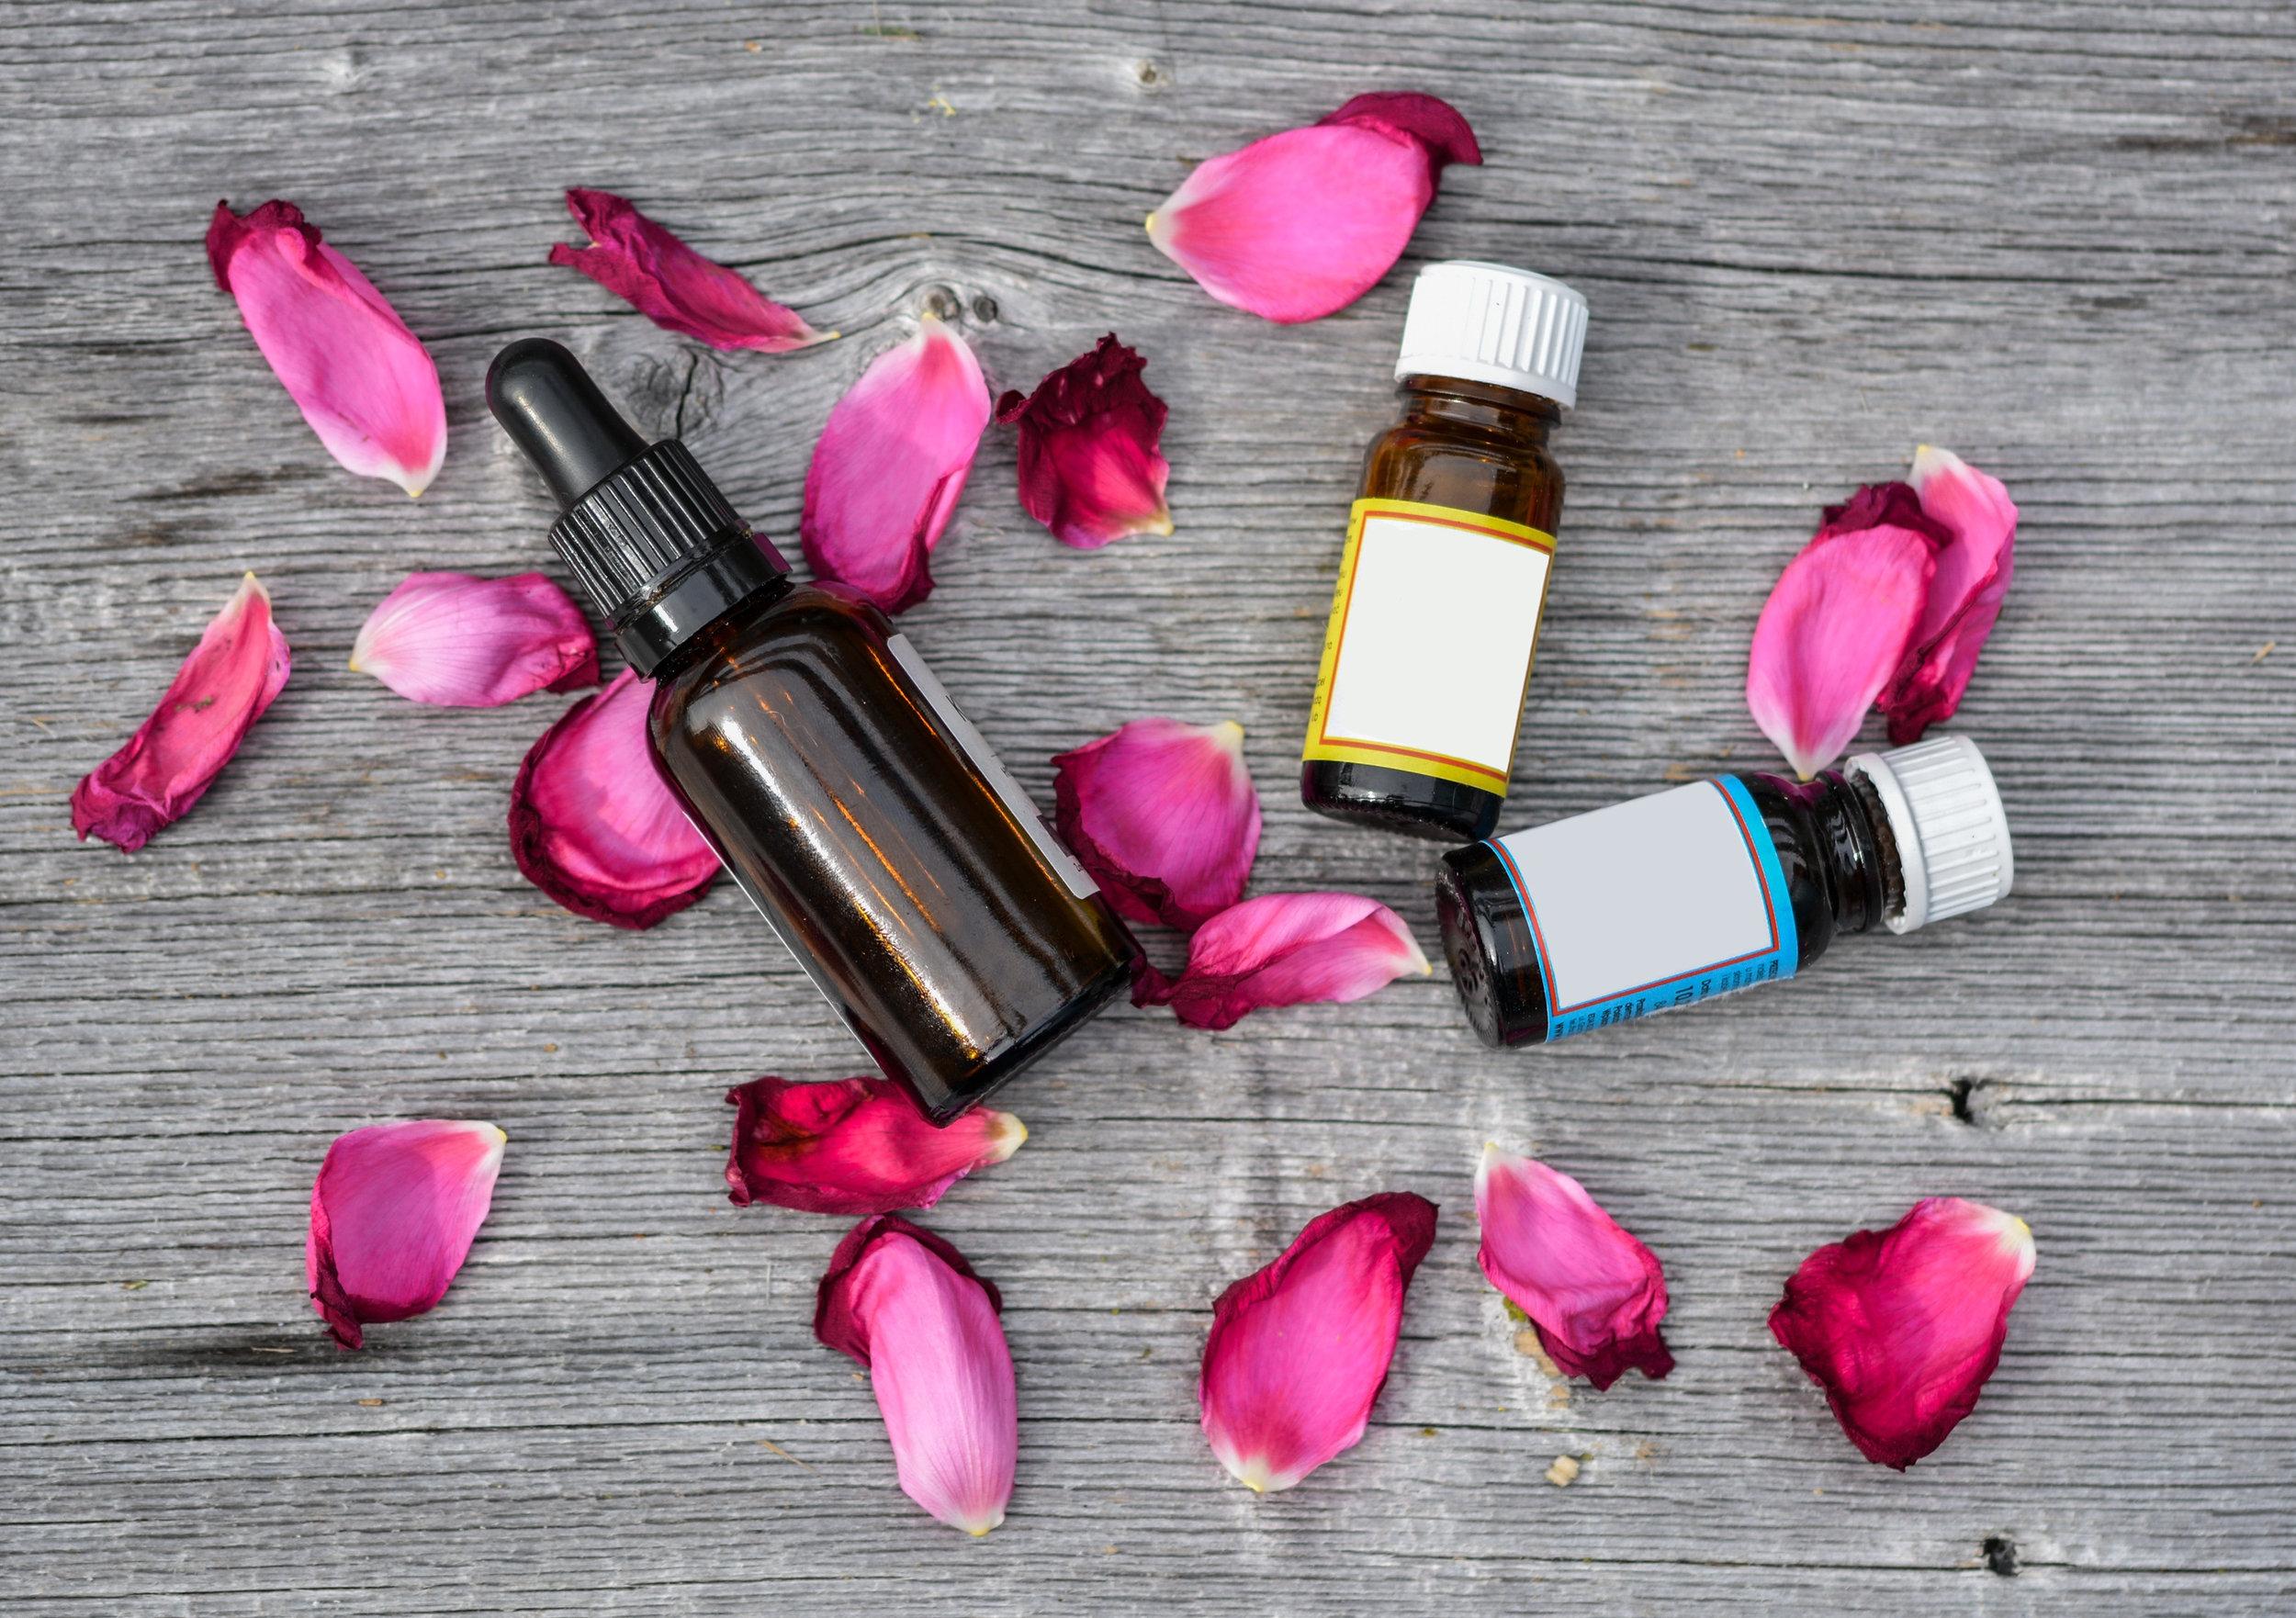 Da dầu mụn nhạy cảm nên chú ý tránh chất tạo mùi và tạo màu